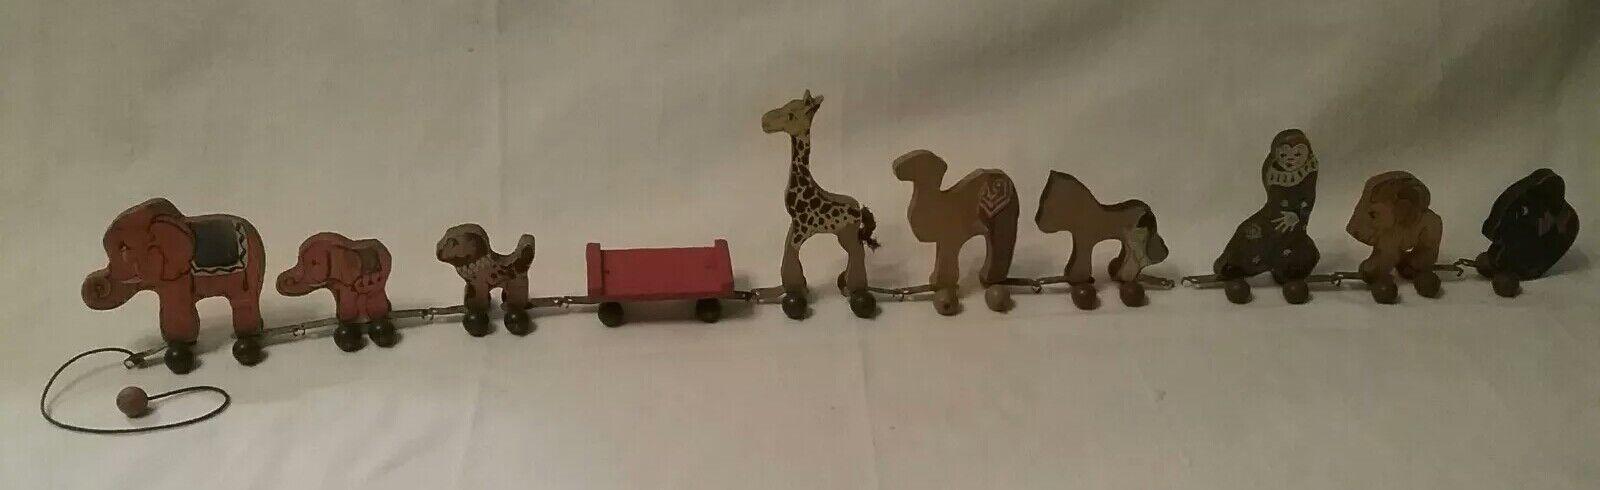 Vintage fisher price woodsy-wee woodsy-wee woodsy-wee circus train 2b8ef8